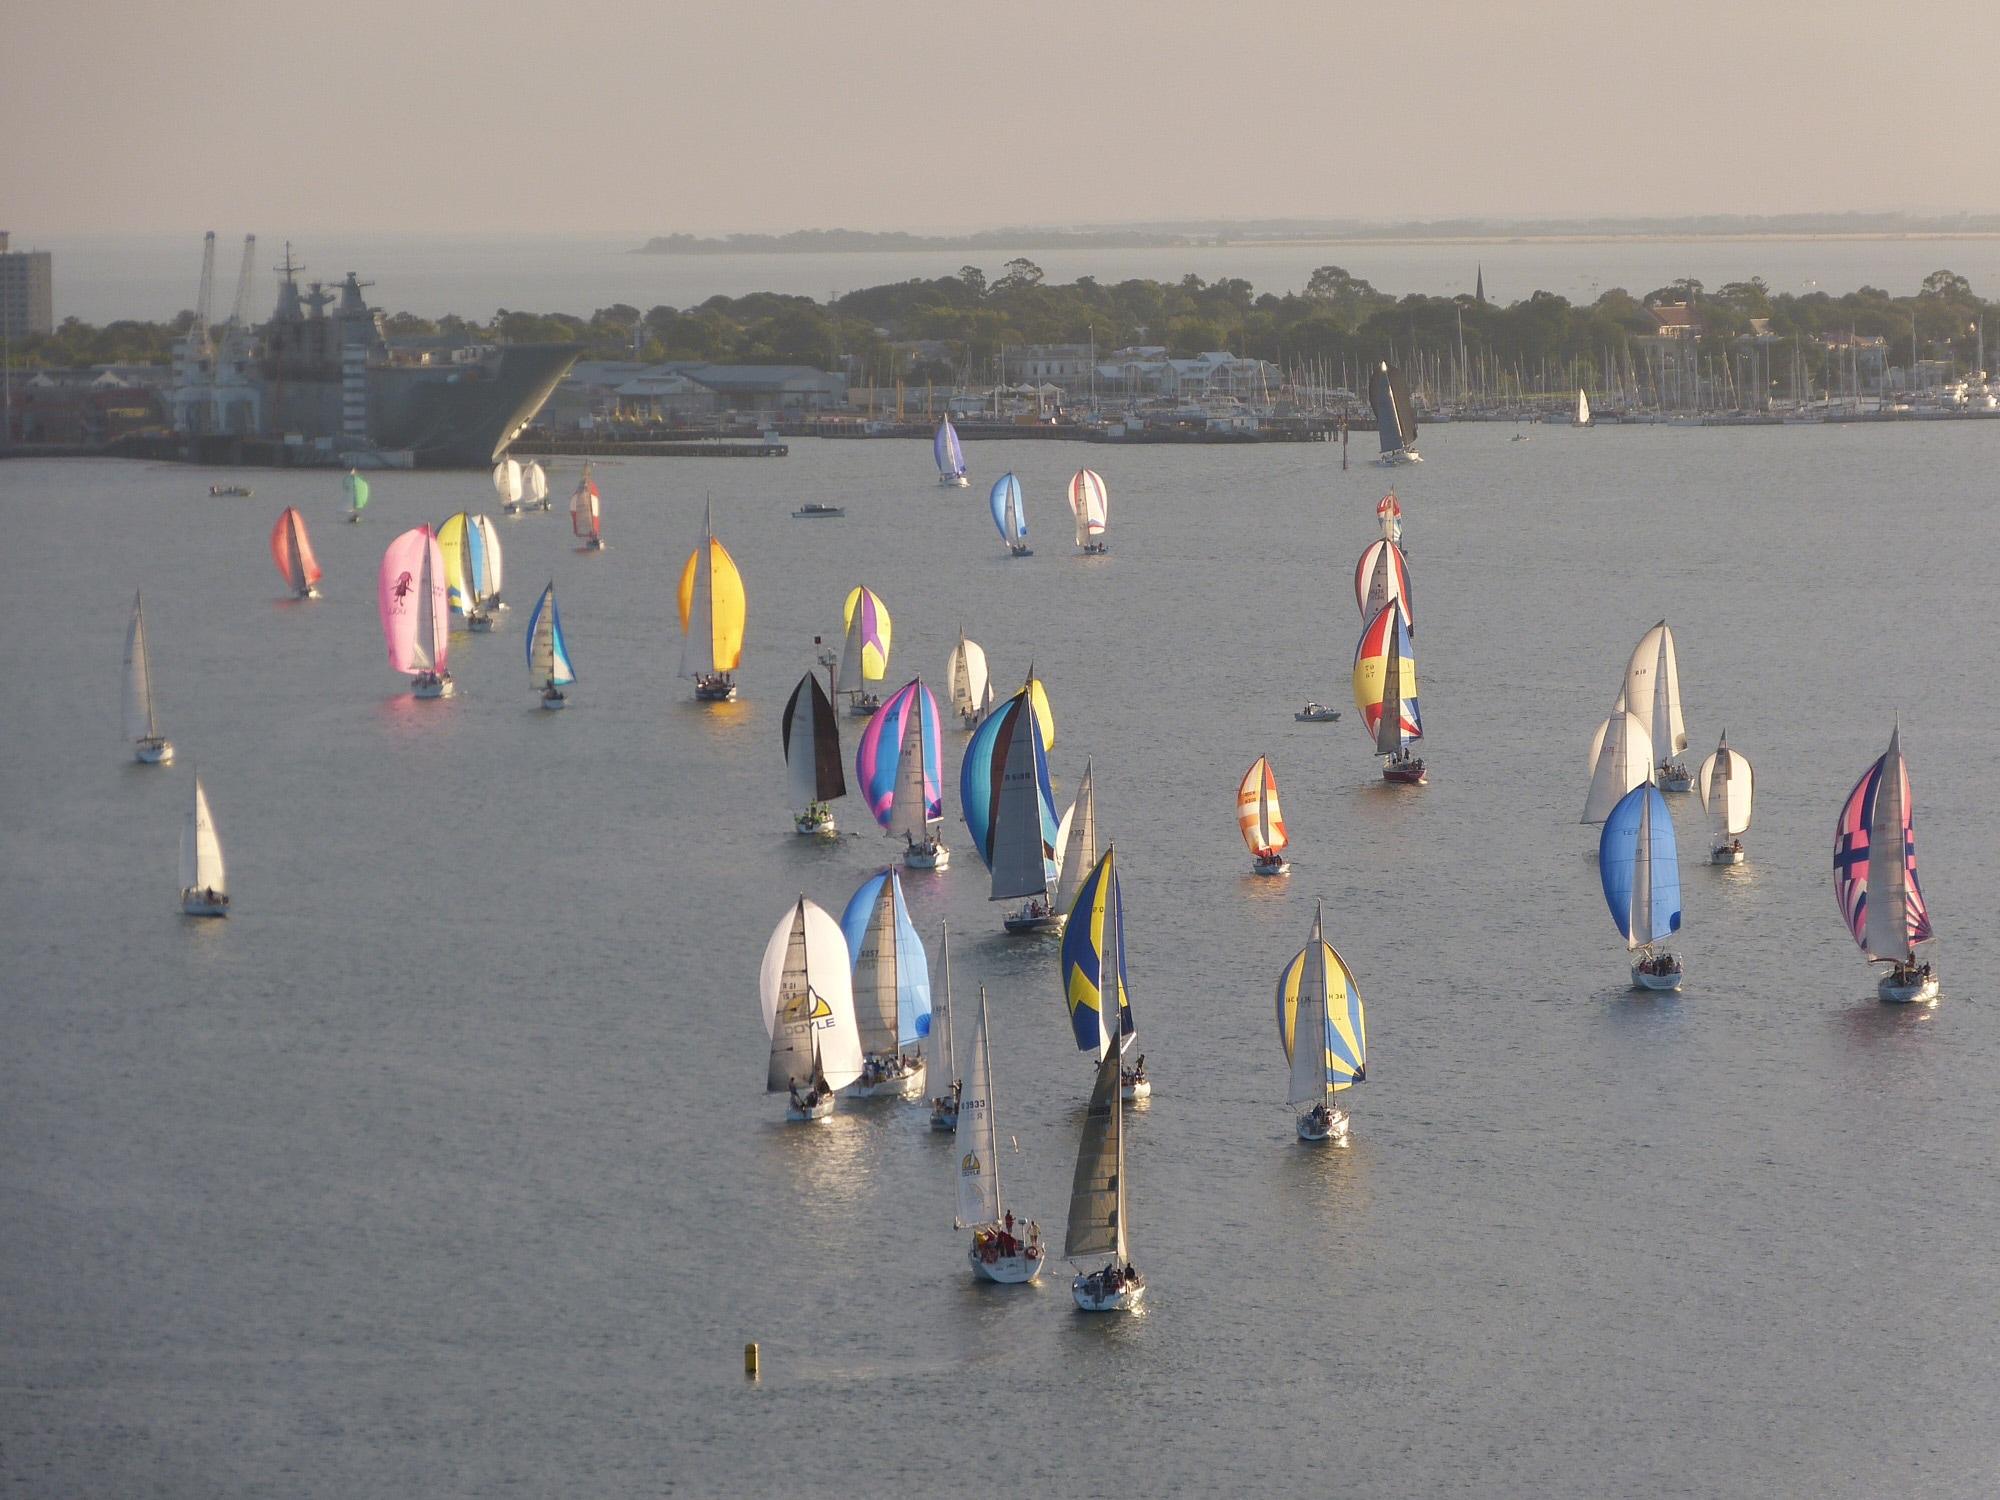 Keelboat aerial